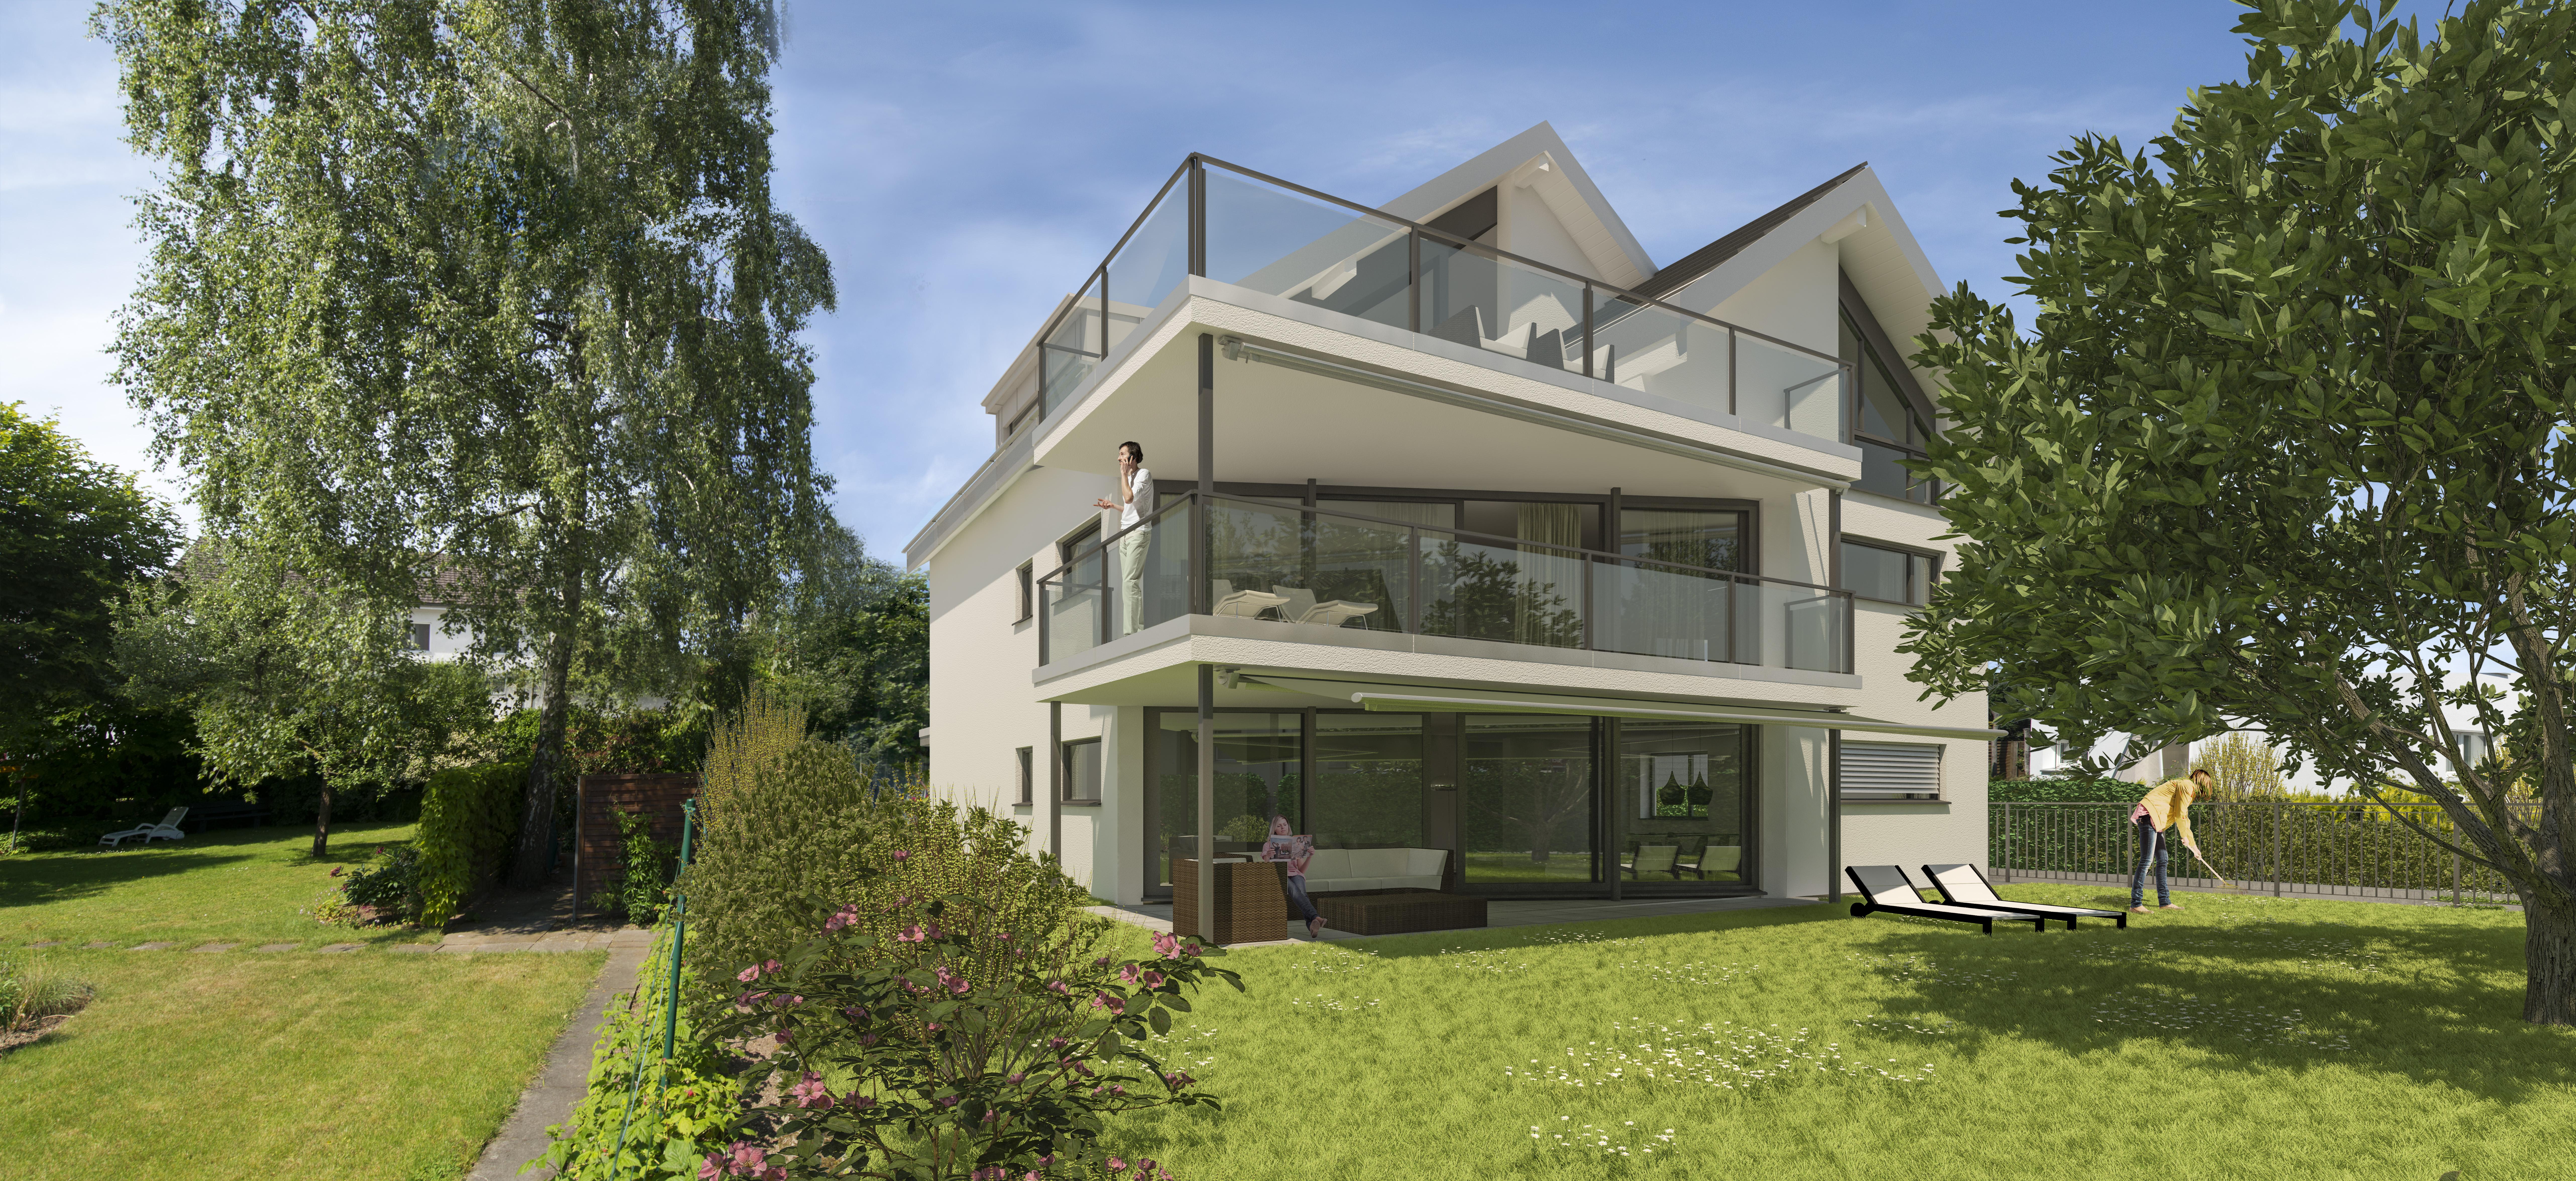 Dreiparteienhaus-Neubau in Muttenz (verkauft)